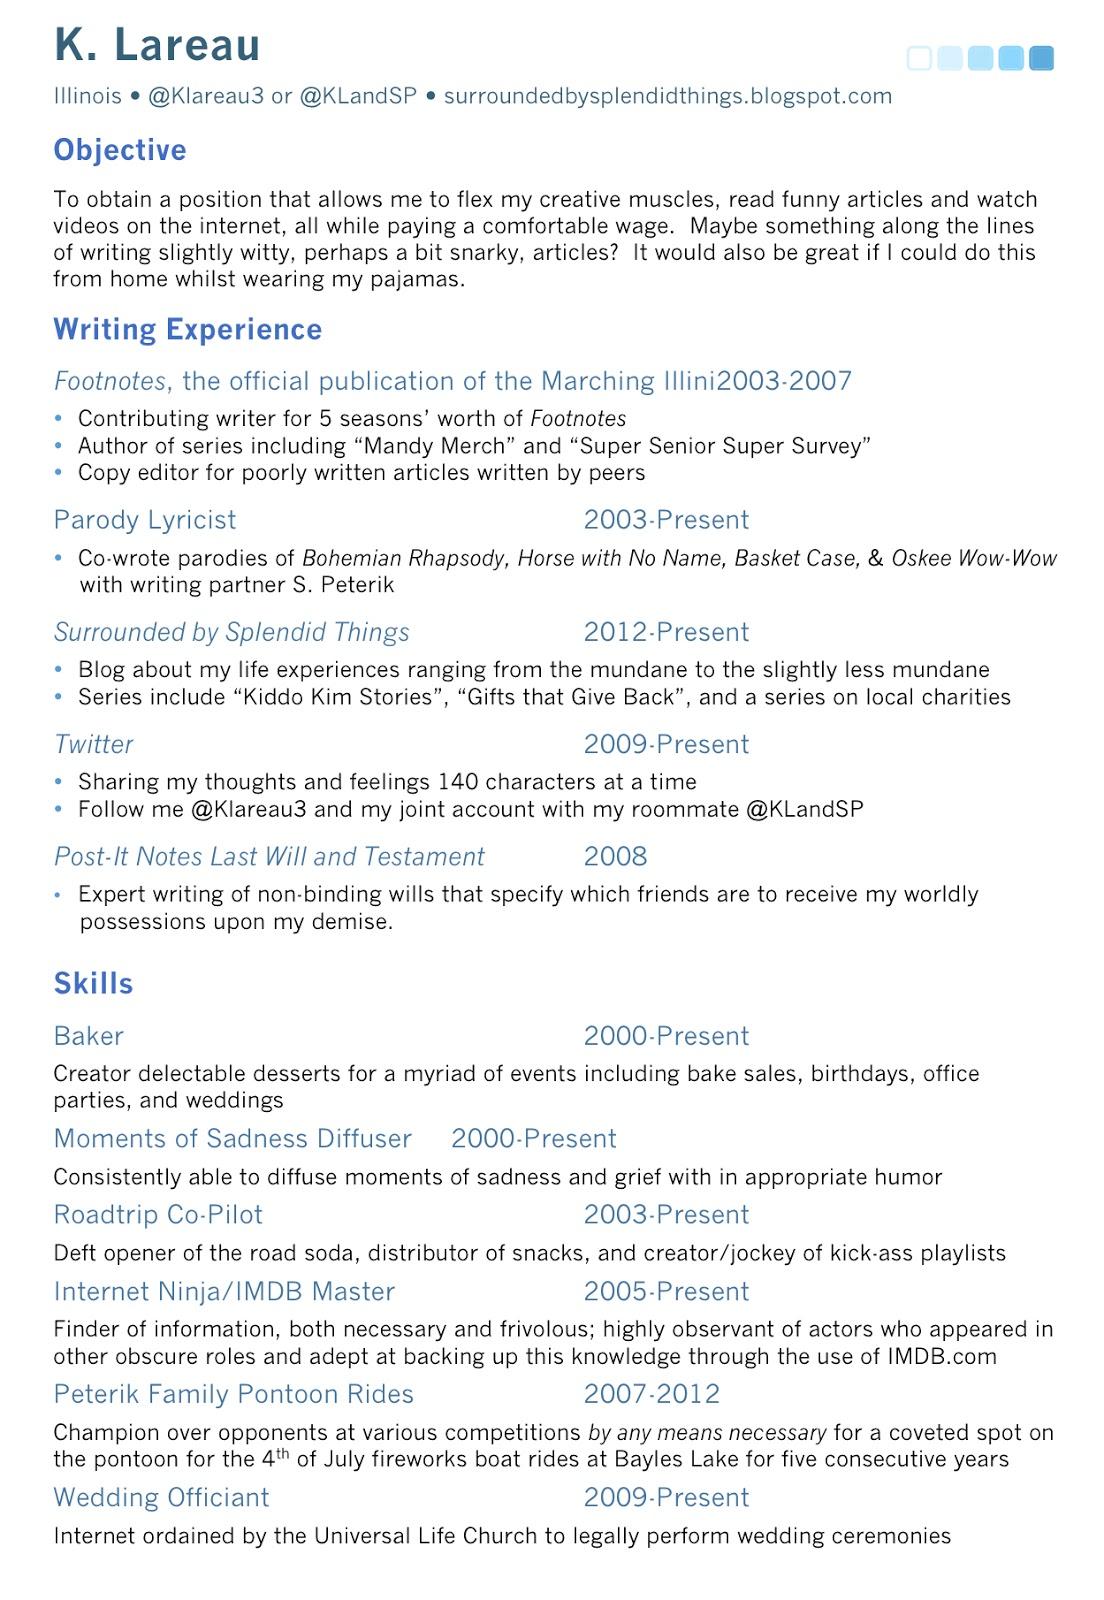 Splendid Things: Fake Resume? Splendid!